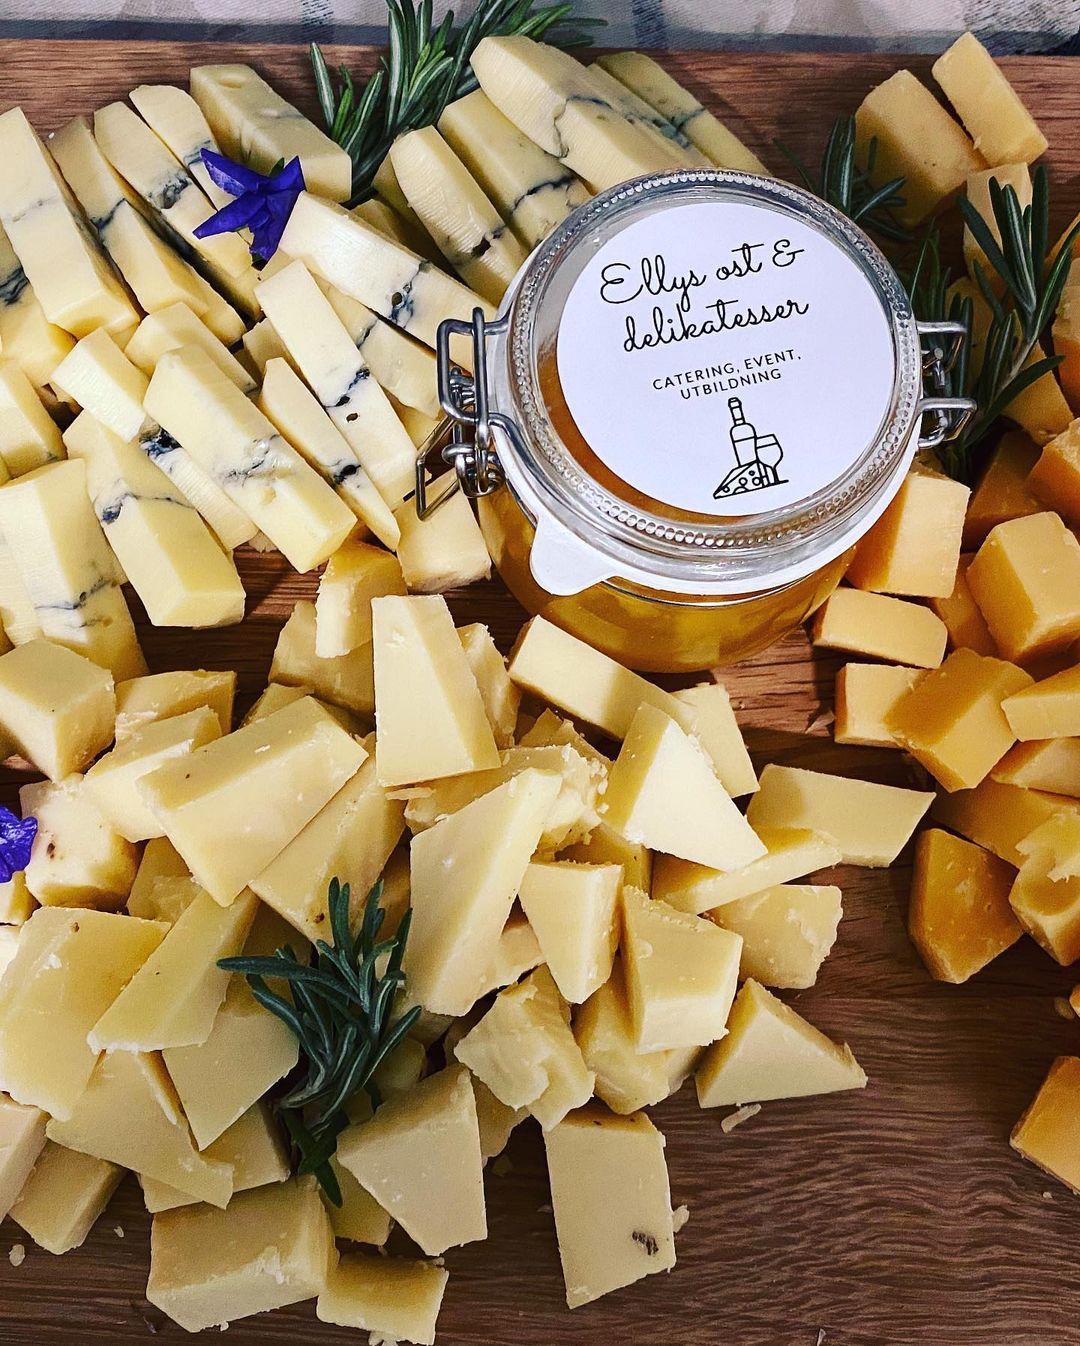 Olika sorters ost och marmelad vid ostprovningar hos Ellys.